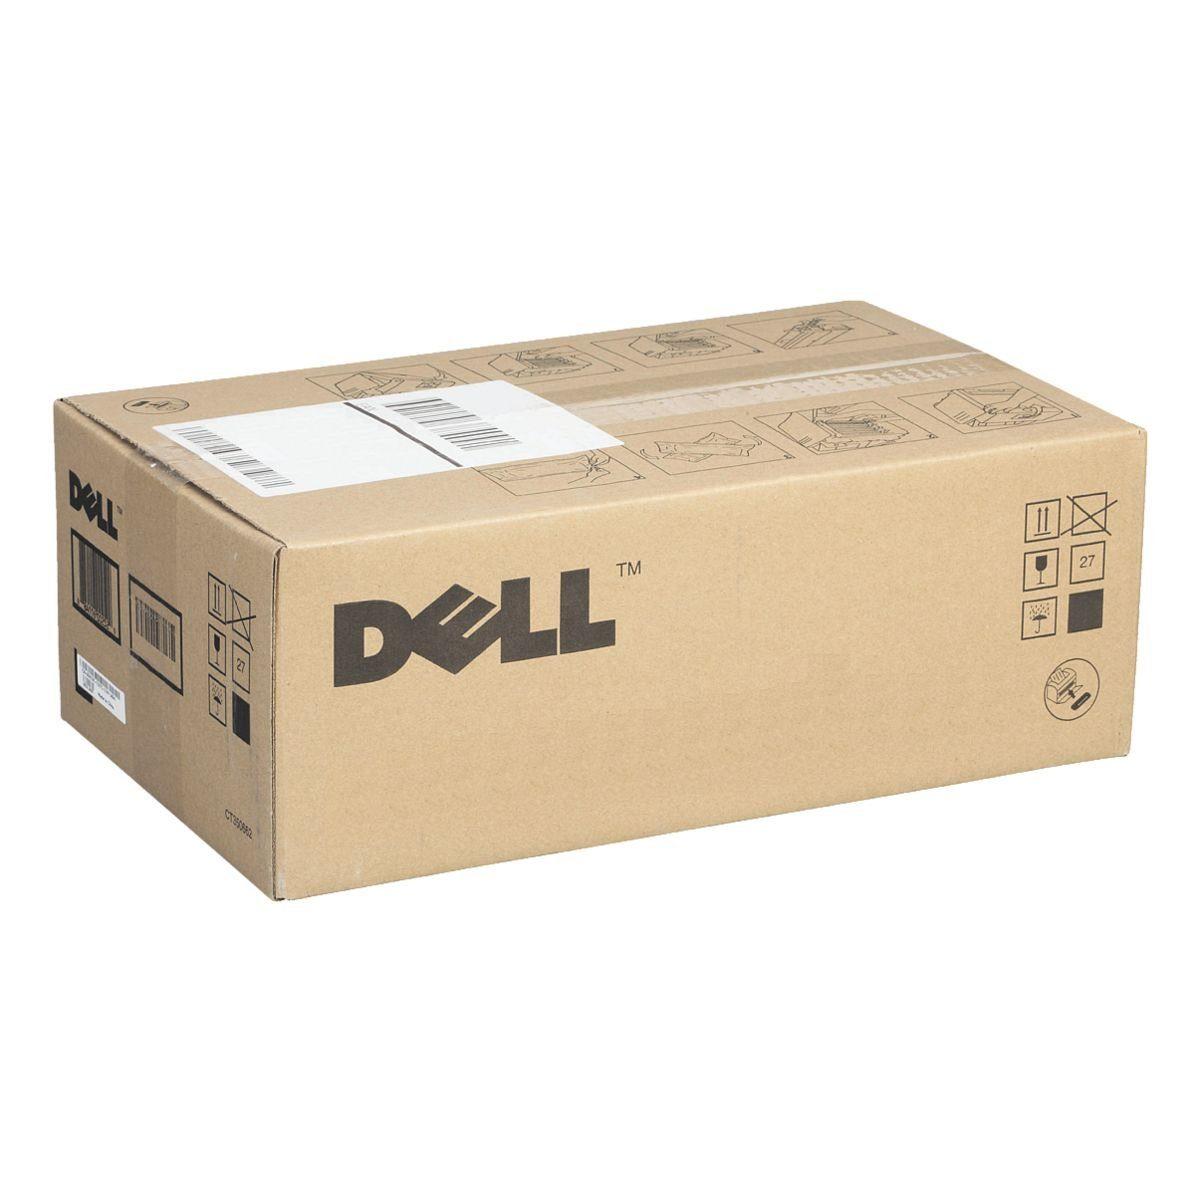 Dell Tonerkartusche »593-10171«